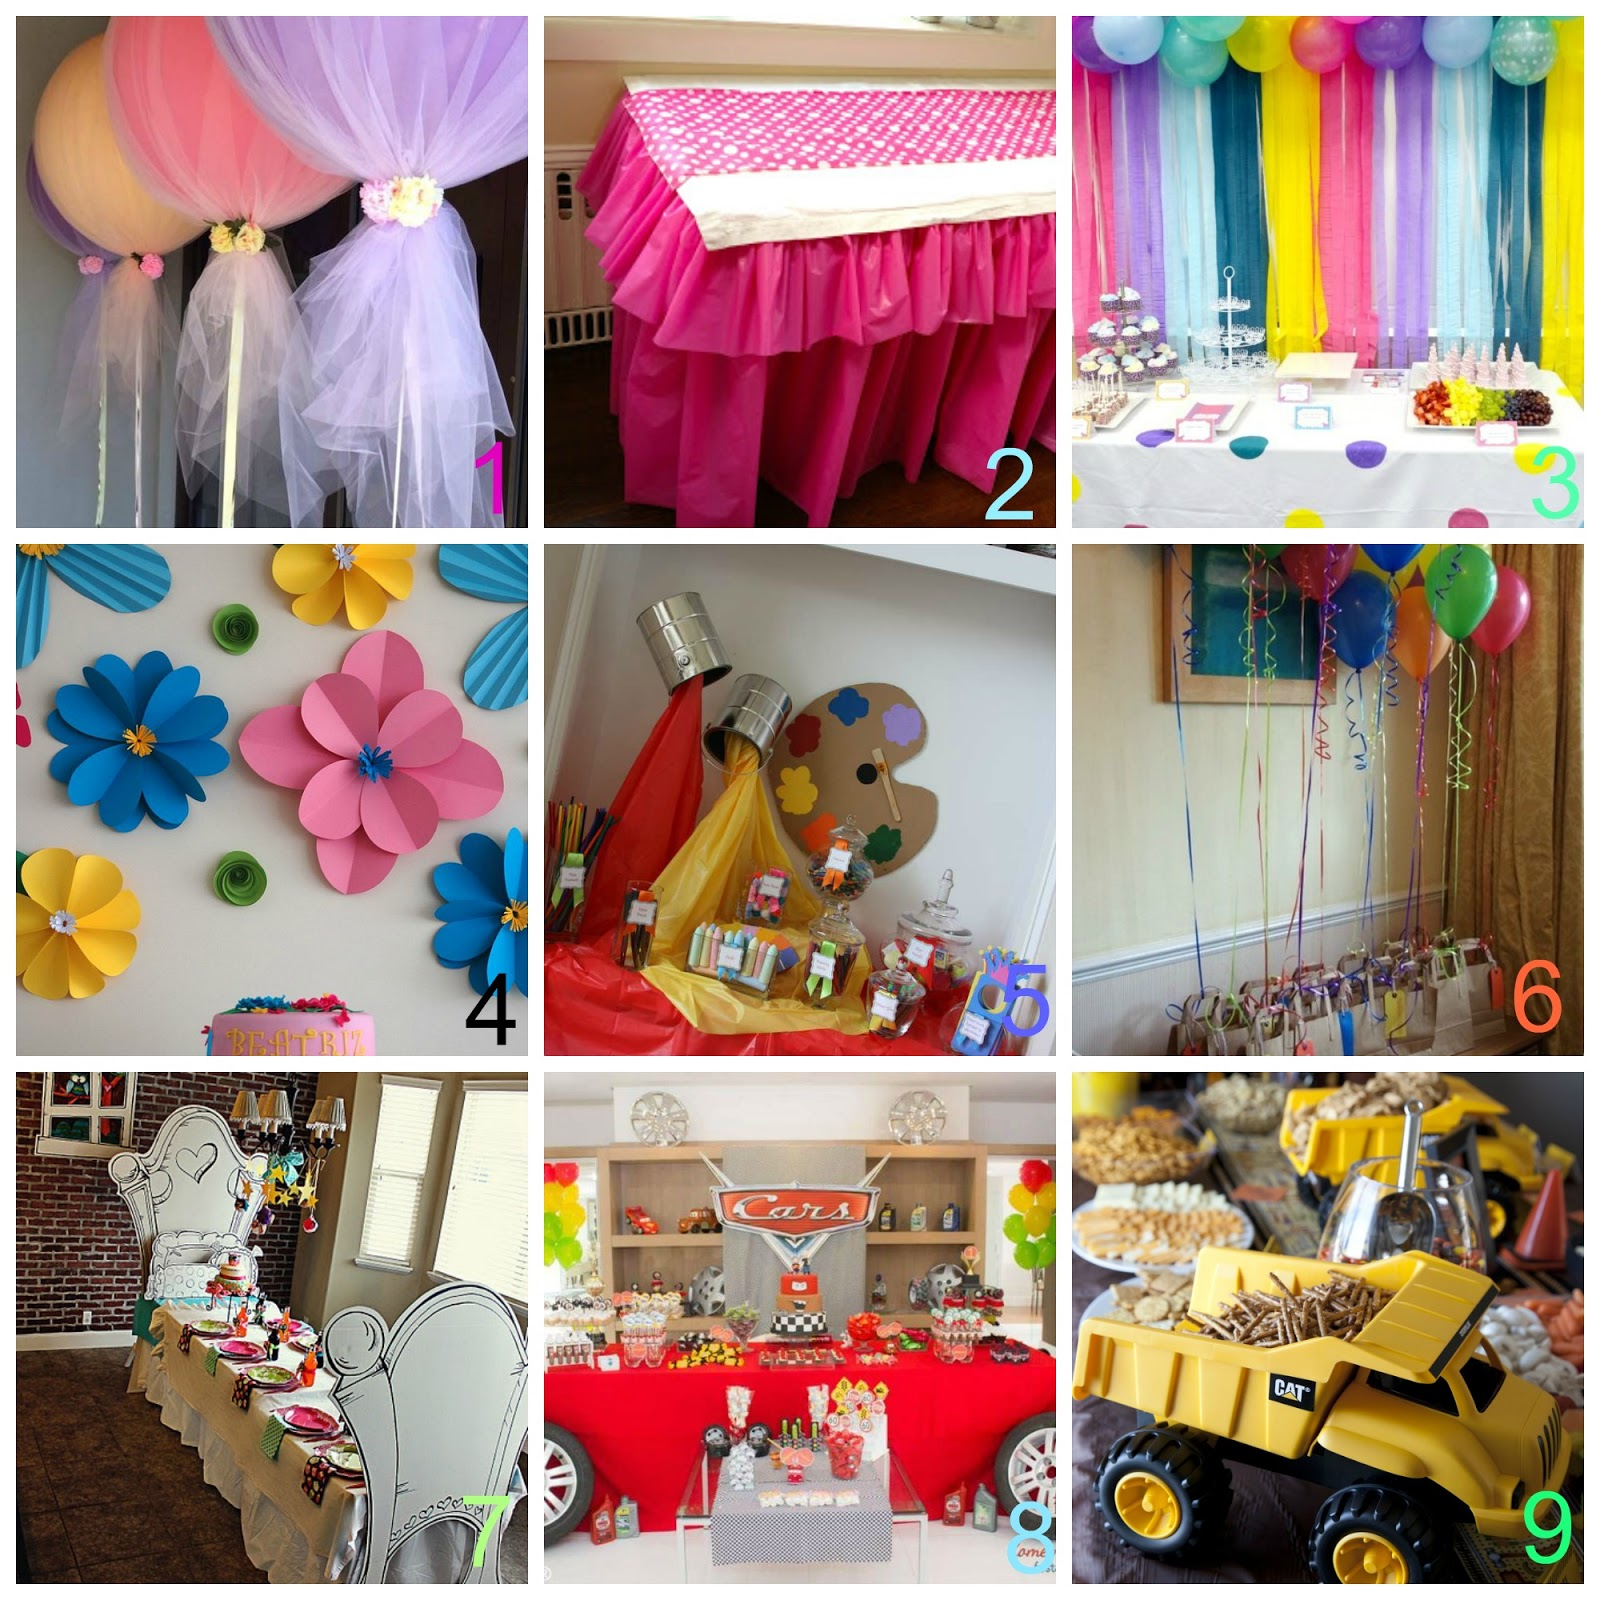 Mamma aiuta mamma addobbi fai da te per le feste per i bimbi for Decorazioni per feste